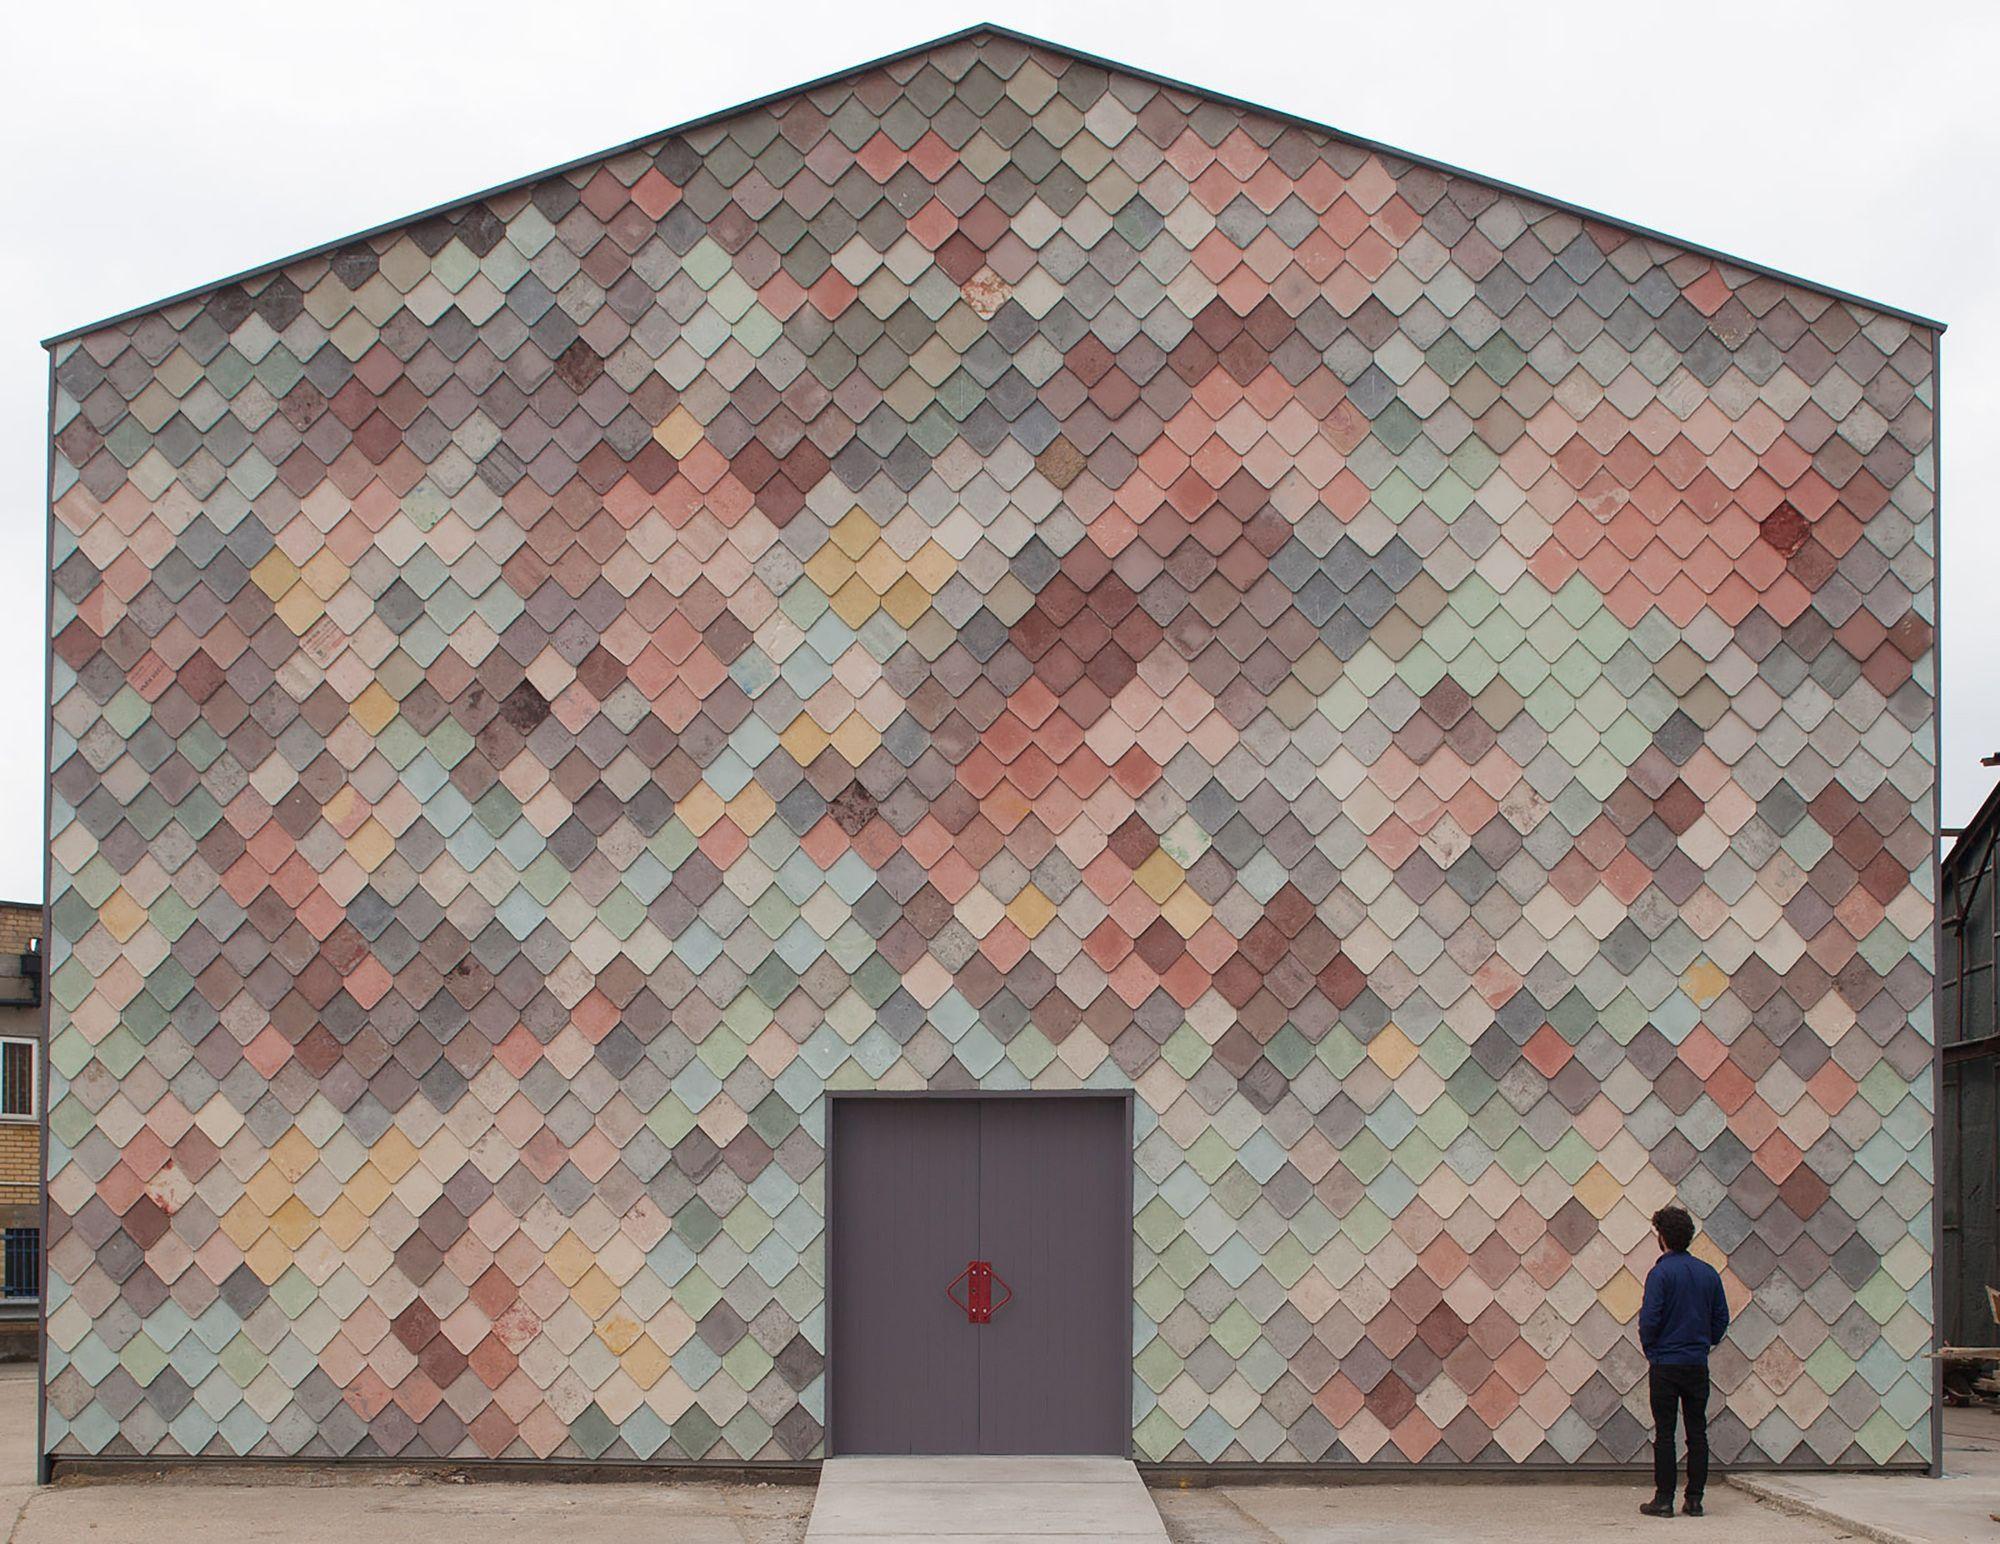 Piastrelle Di Cemento Colorato : Pin di ansa pi su architecture interiors